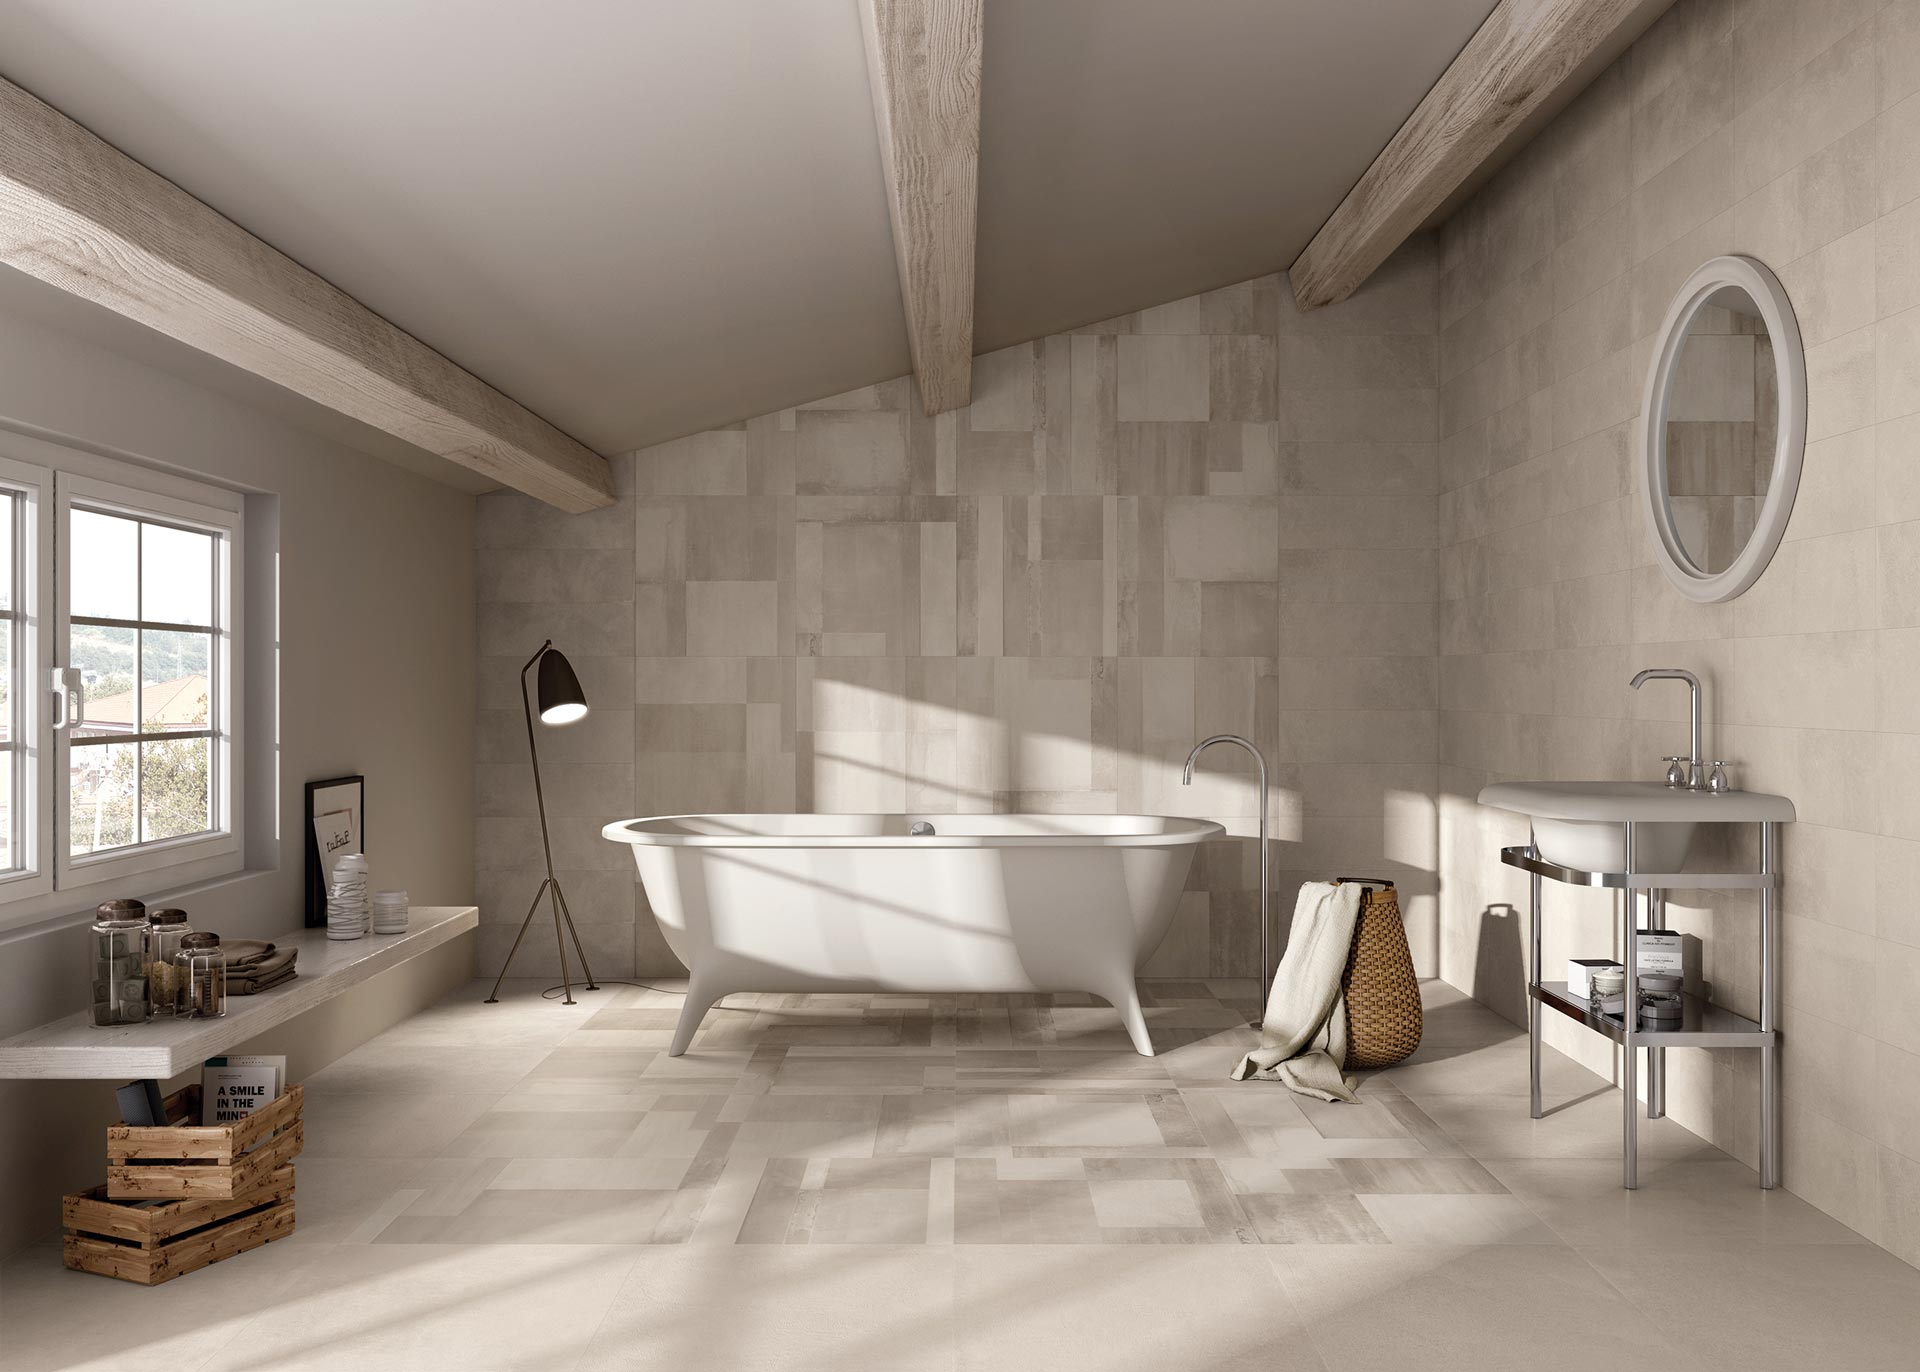 Carrelage-salle-de-bain-quai-du-carrelage.jpg